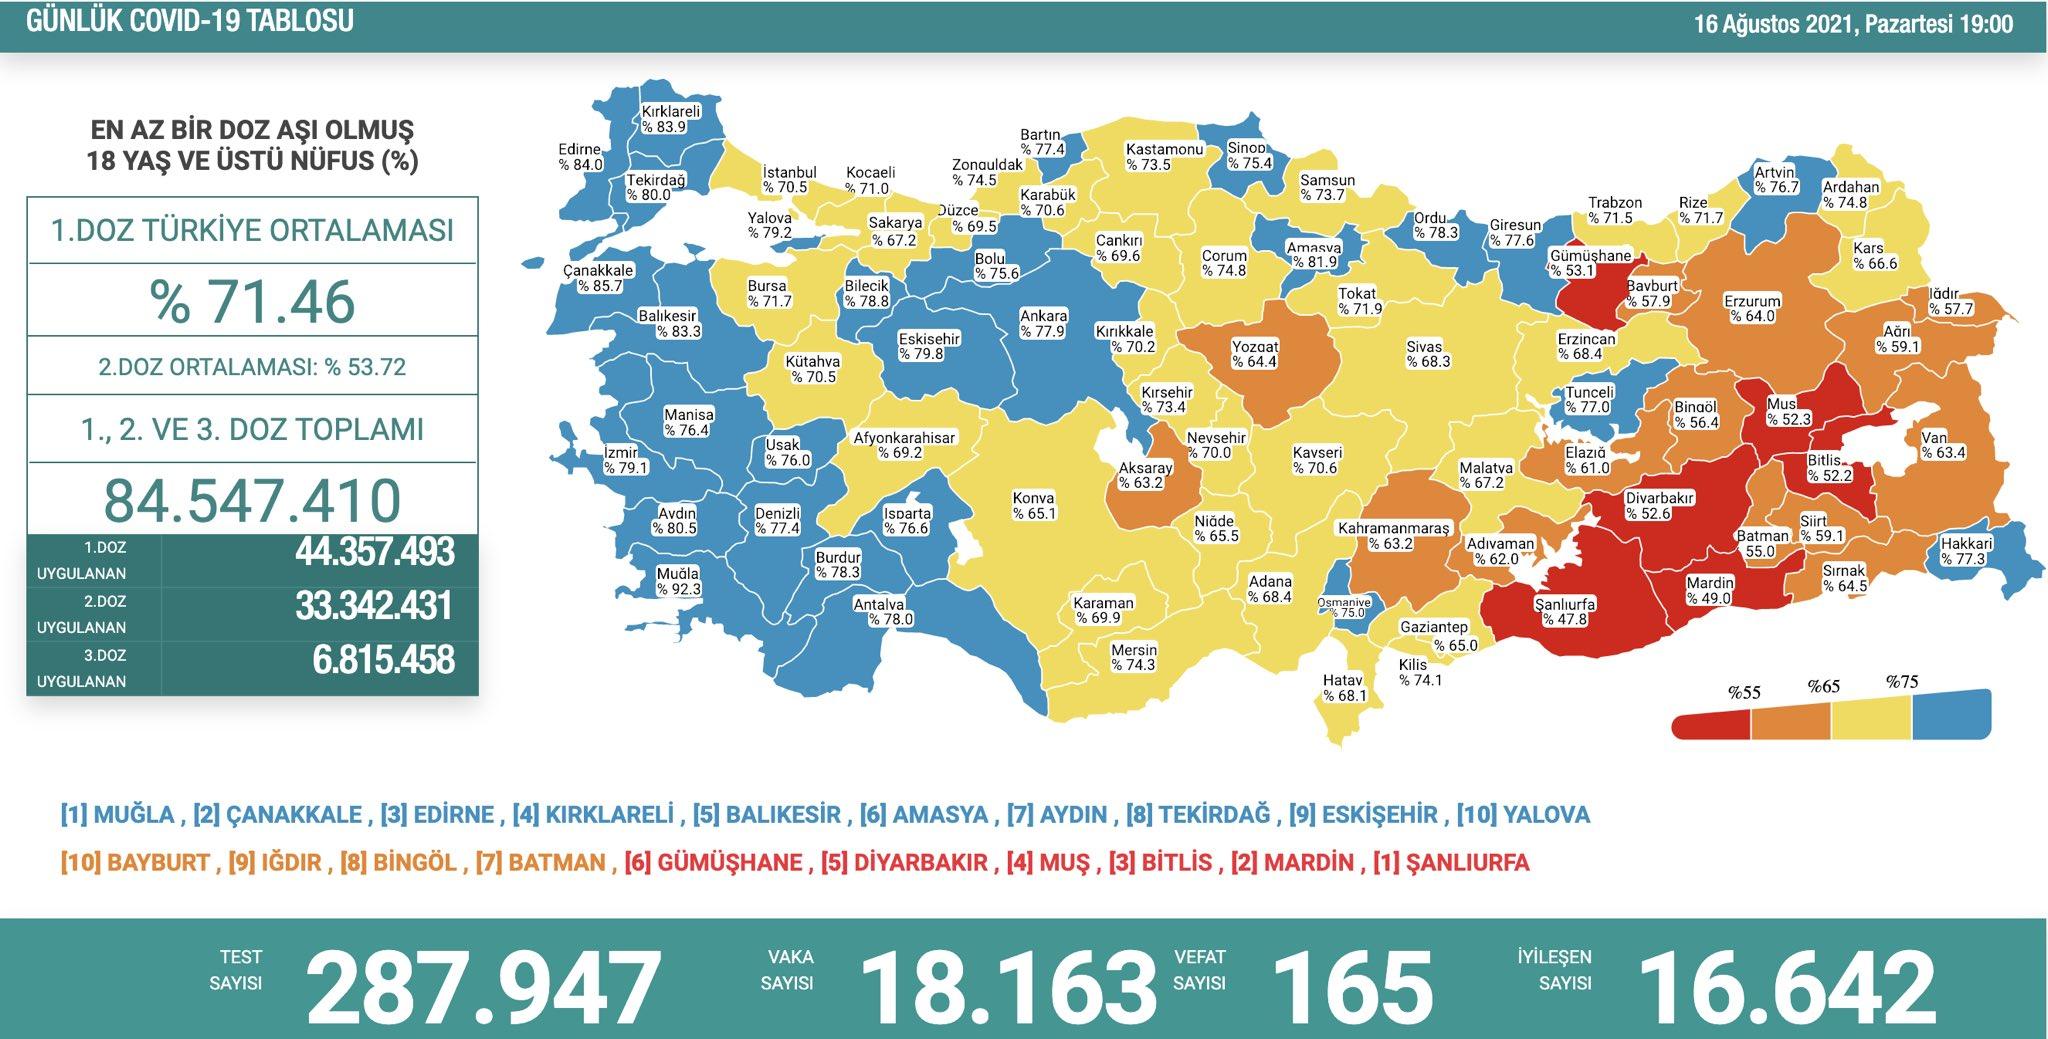 16 Ağustos 2021 Türkiye Koronavirüs Tablosu Açıkladı